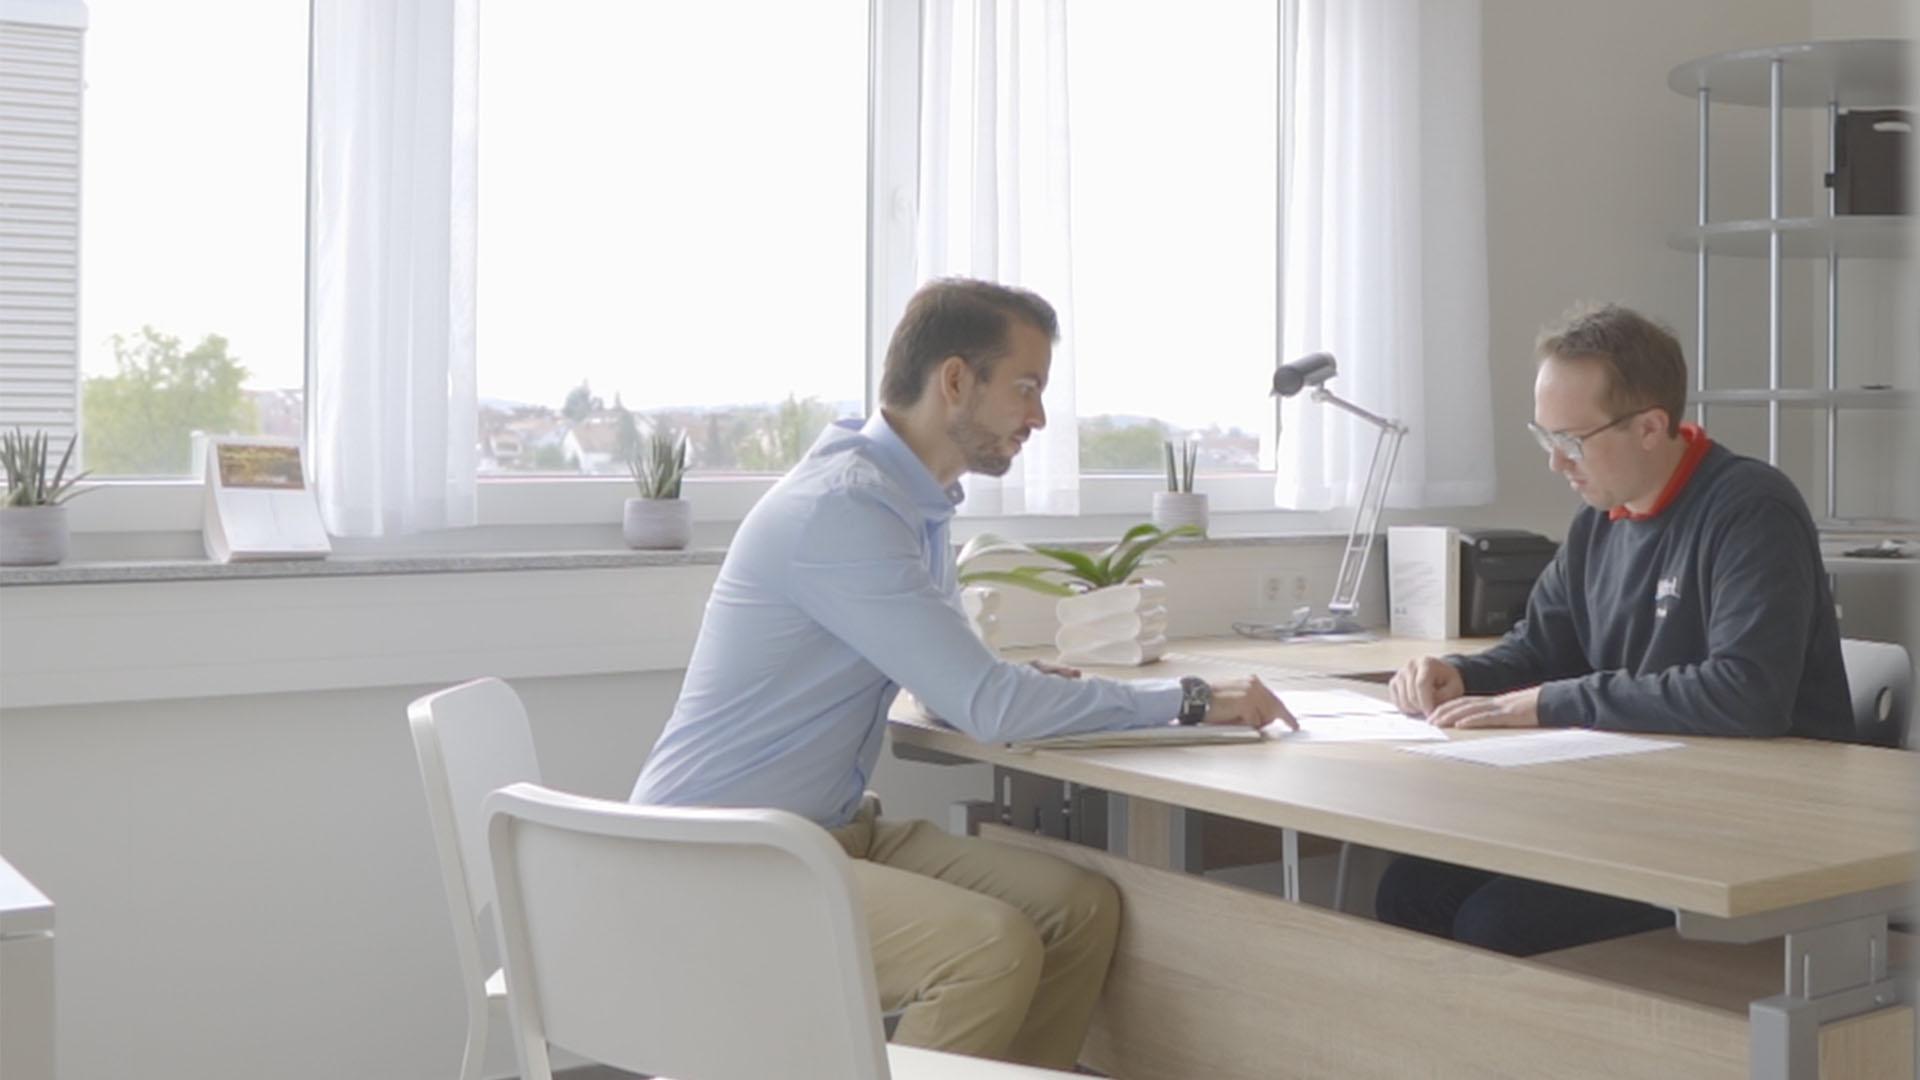 Gerrit Speidel im Strategiegespräch mit Fabian Burkei